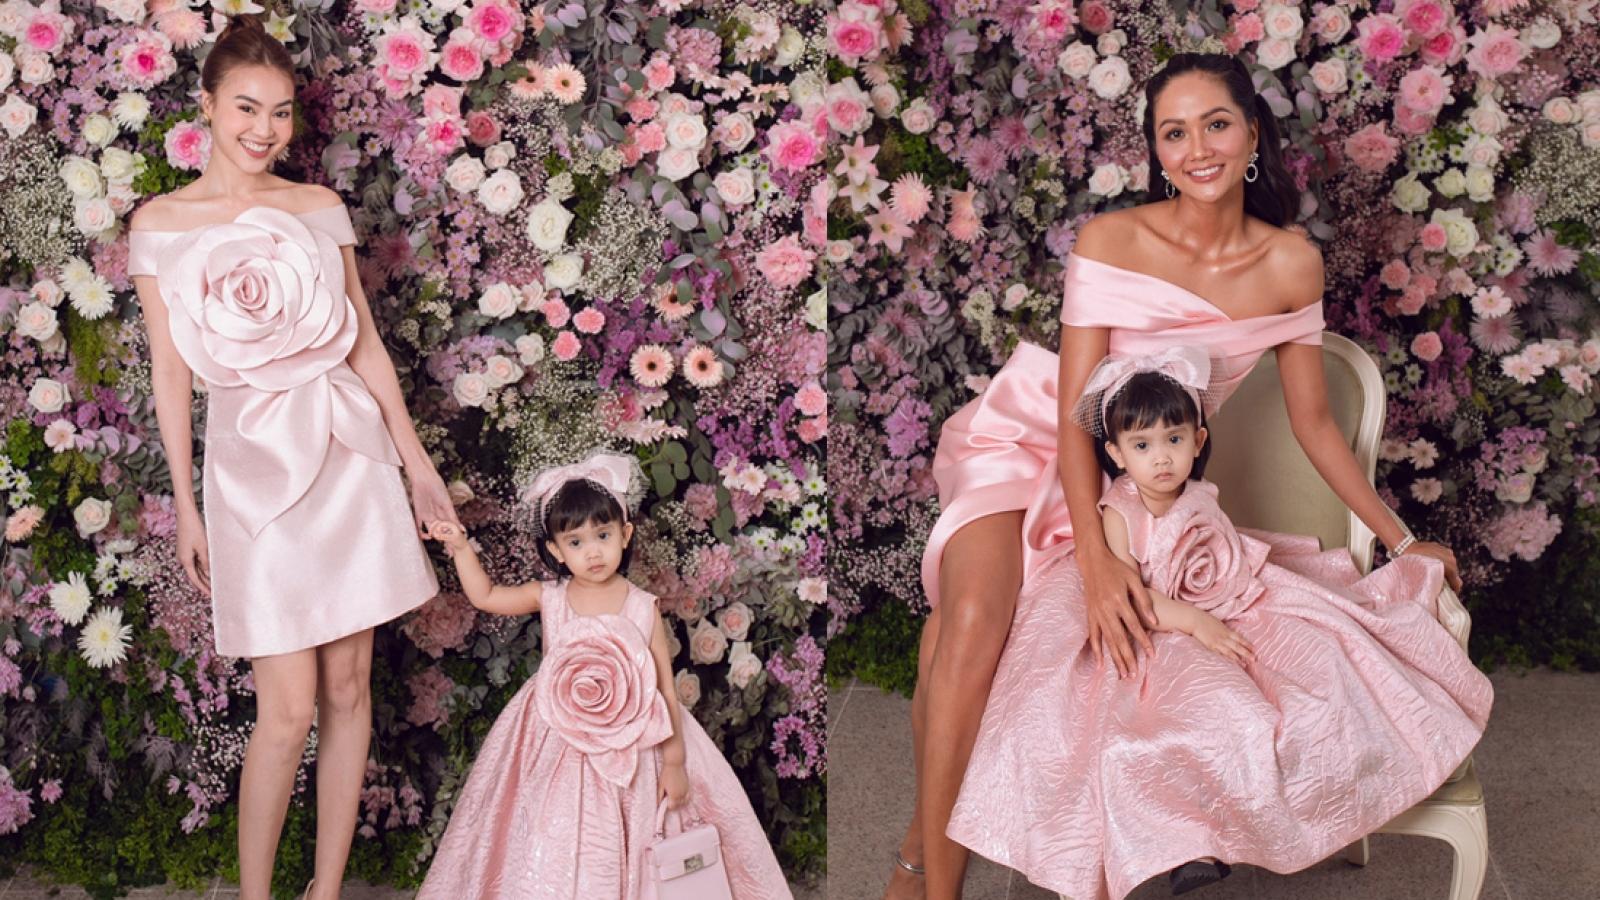 Ninh Dương Lan Ngọc, H'Hen Niê và dàn mỹ nhân đọ sắc với đầm hồng nữ tính